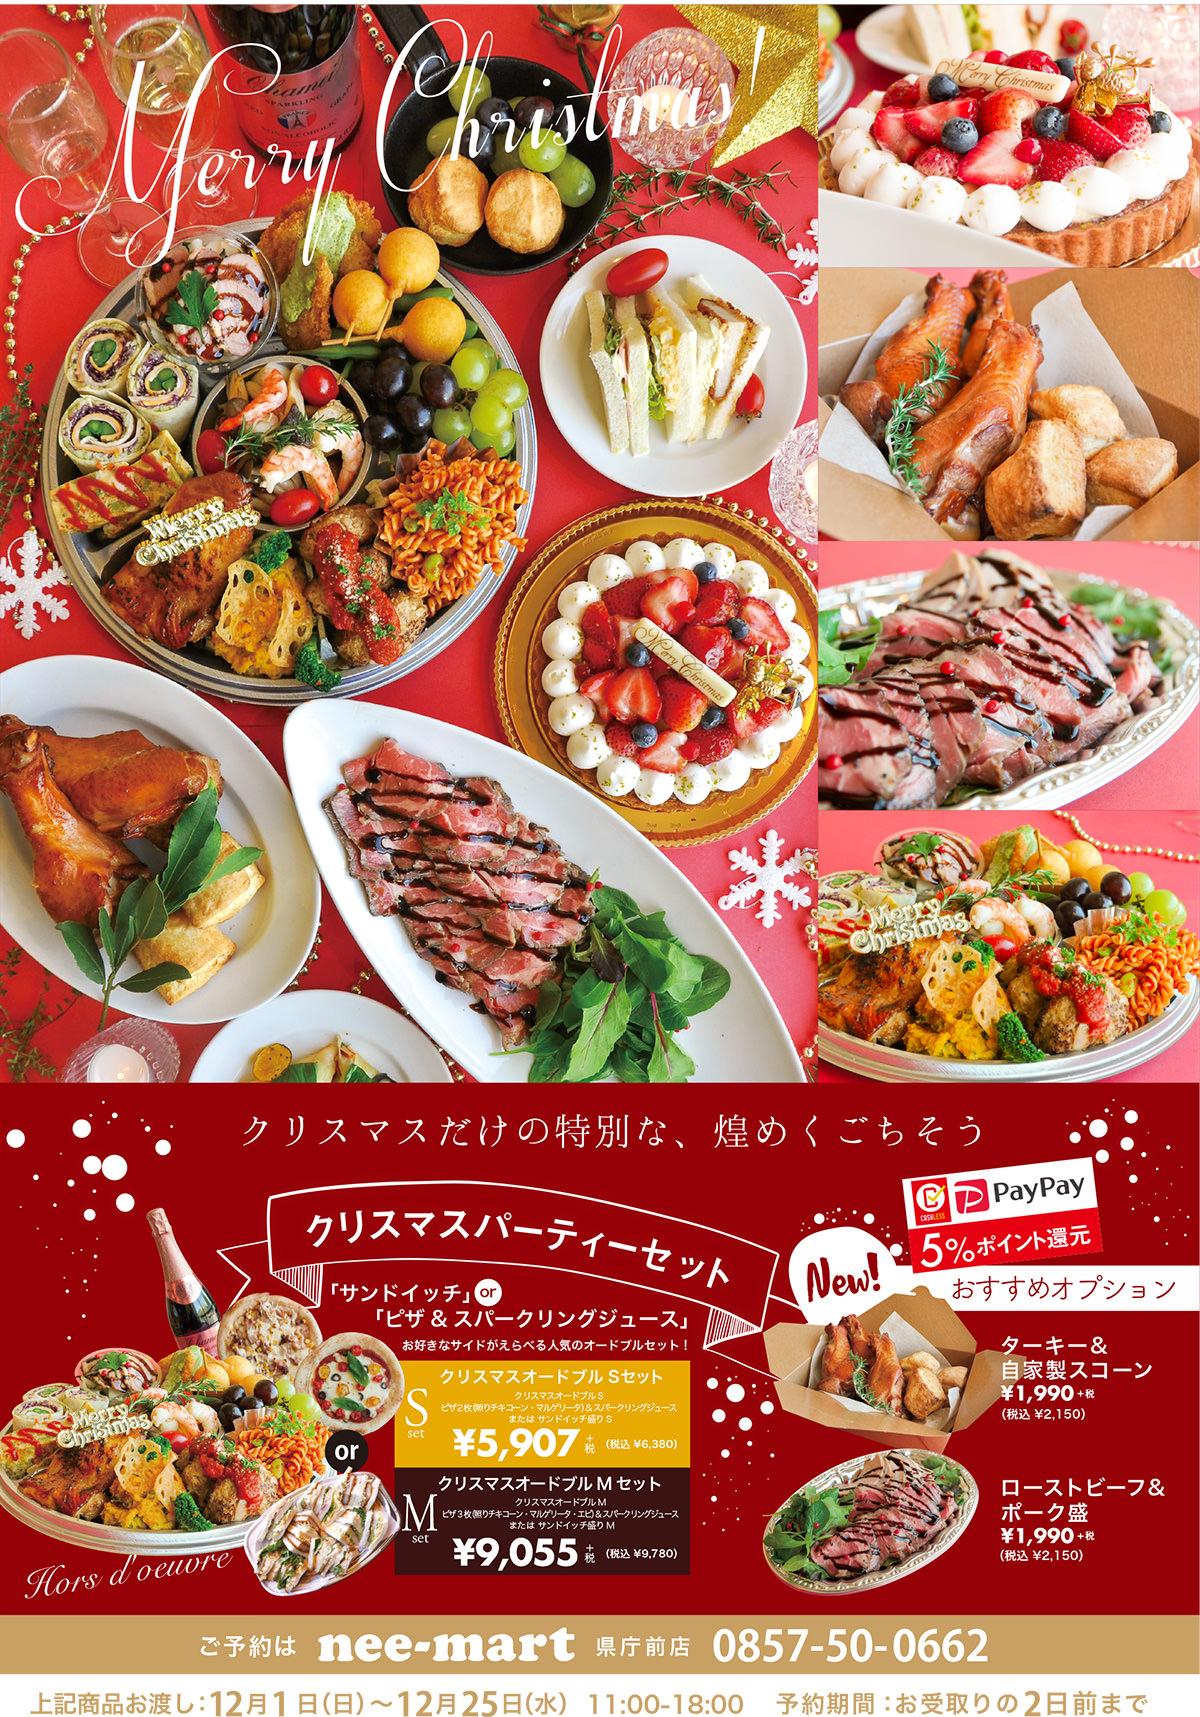 クリスマス オードブル 2019 予約受付 鳥取 nee-mart